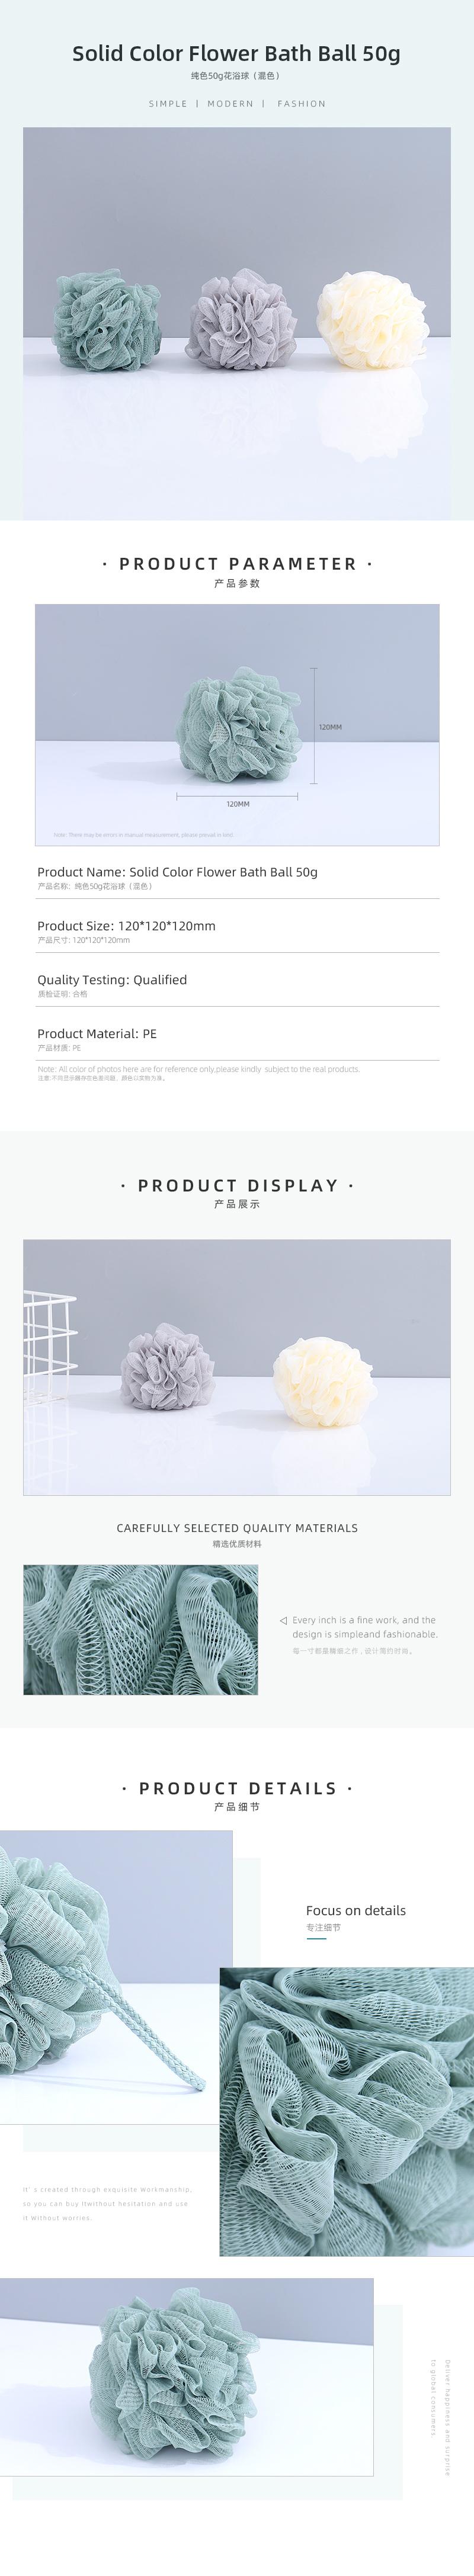 Solid Color Flower Bath Ball 50g /></p> </div> </div> </div> <div class=